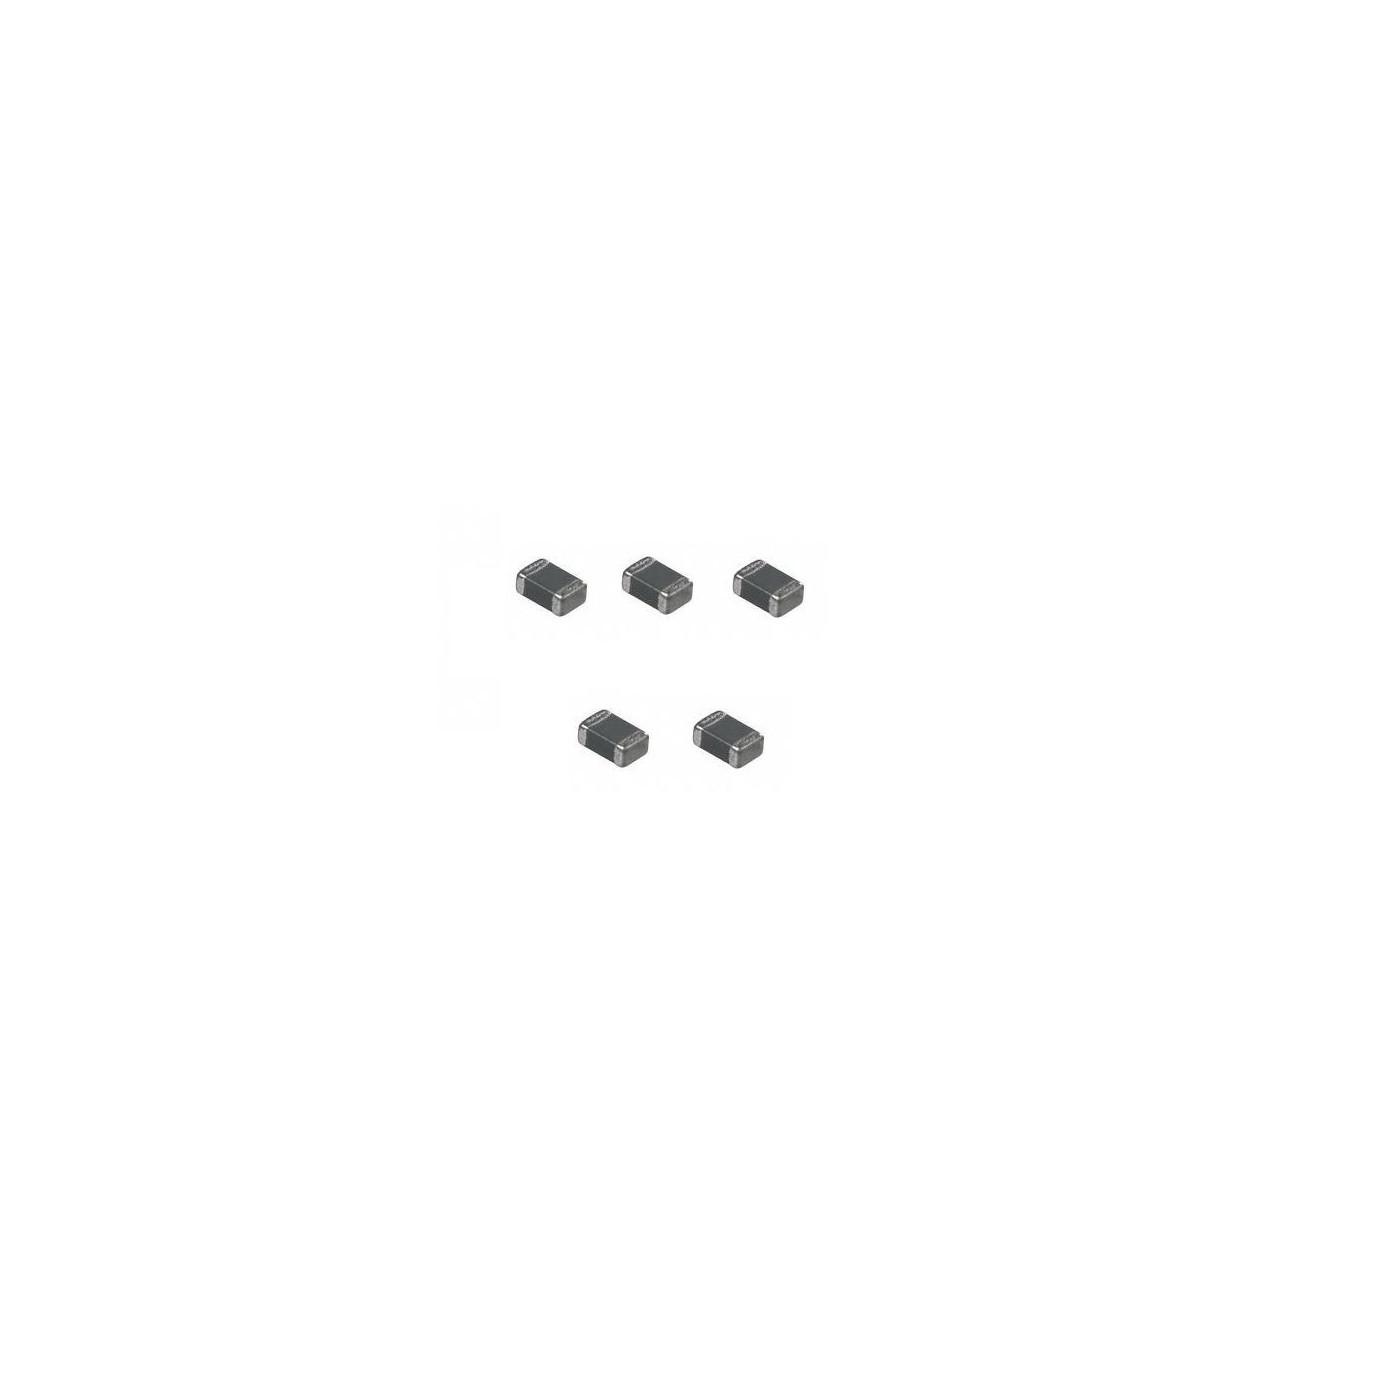 C4041 C4043 Kondensatoren Hintergrundbeleuchtung Filter für Iphone 6S